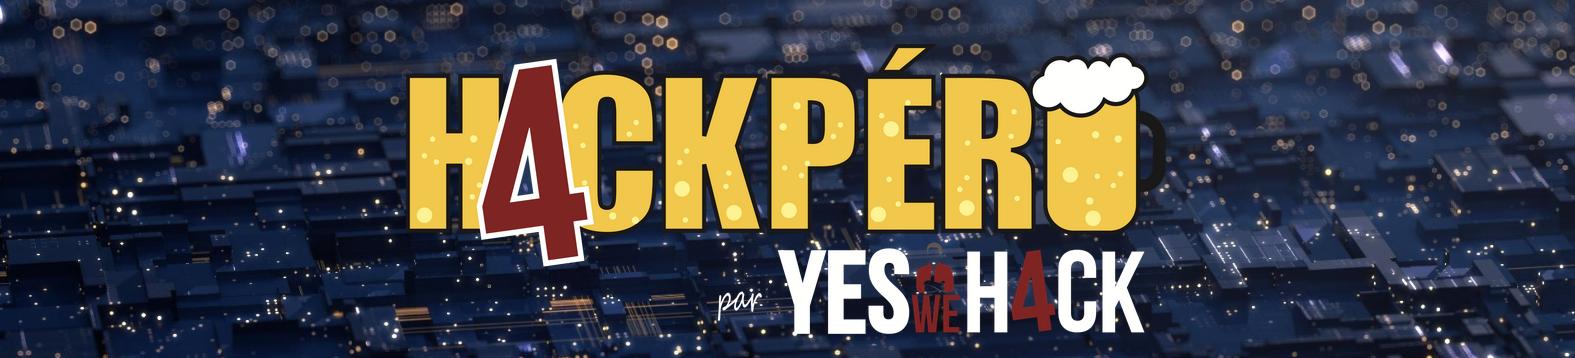 Les inscriptions au Hackpero du 26 octobre sont ouvertes ! #CyberSecMonth